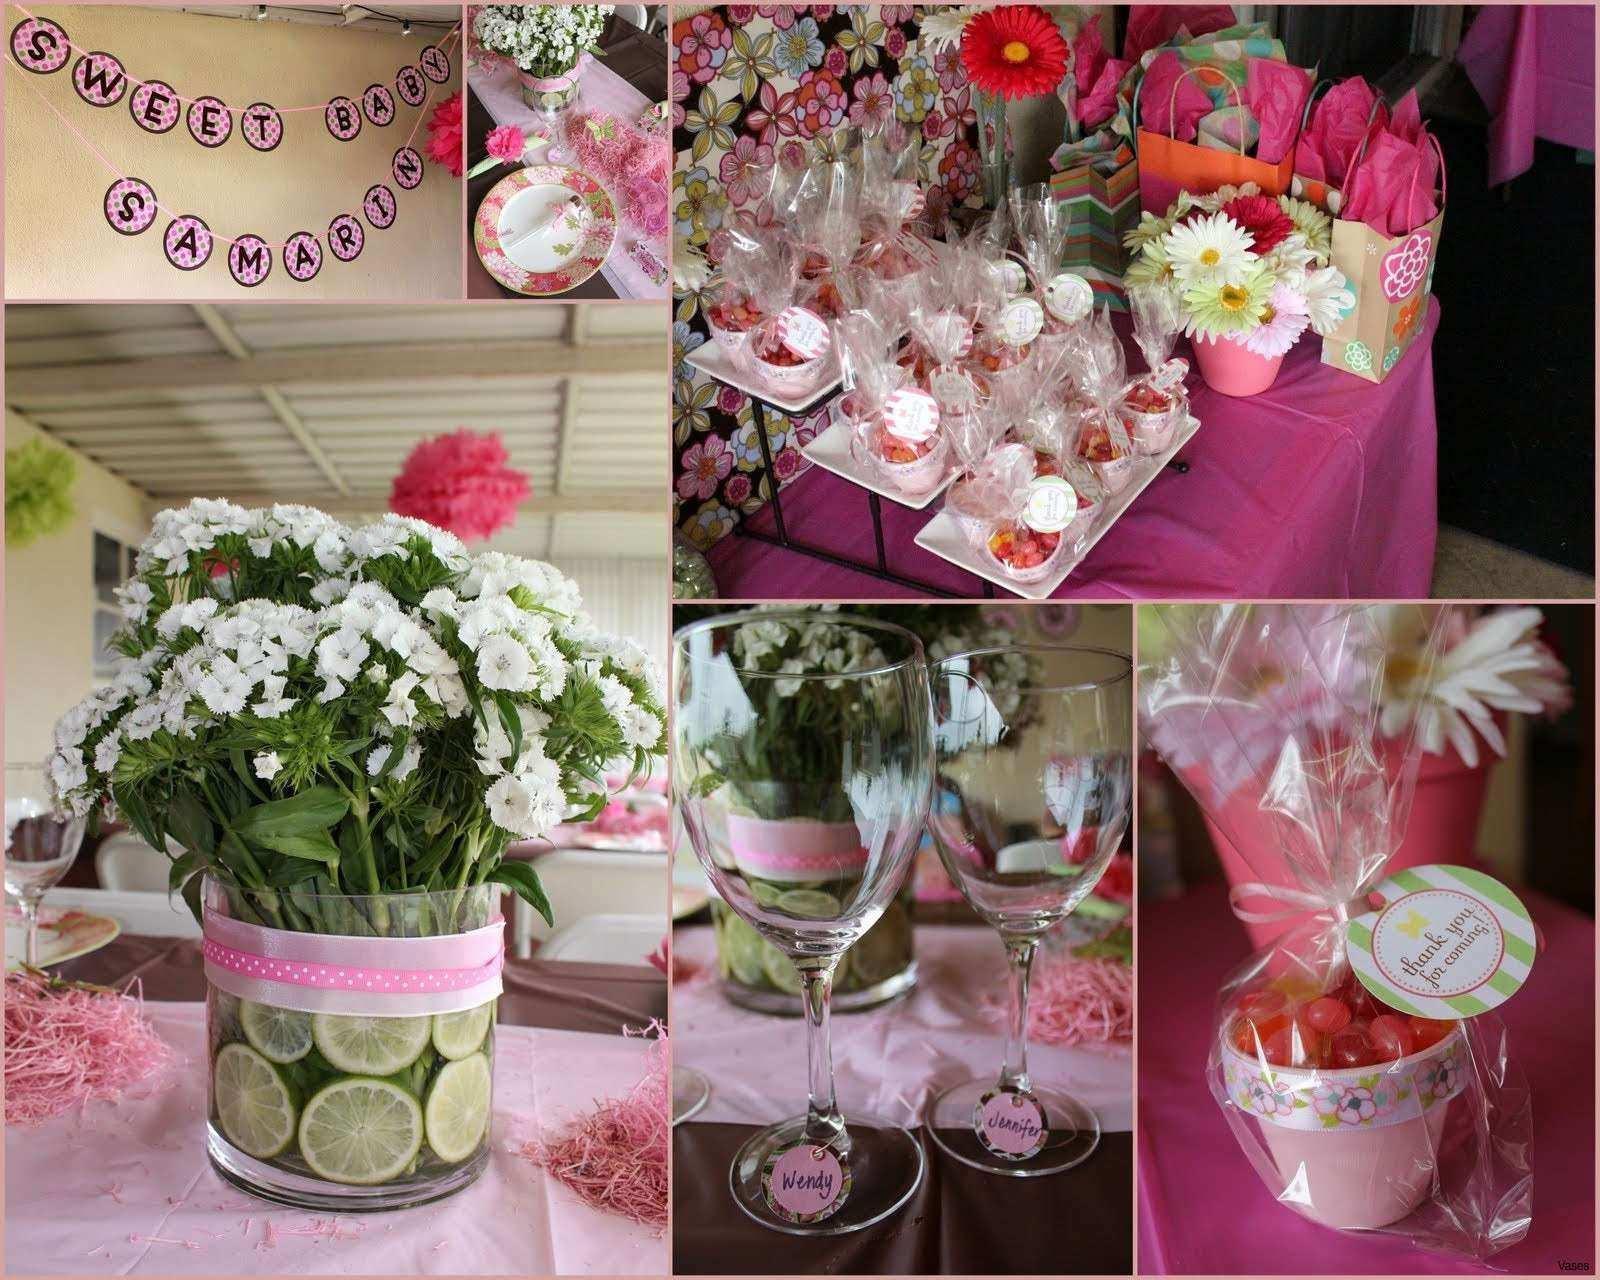 pink bud vase of rose garden design lovely vases baby shower flower tutu vase with rose garden design lovely vases baby shower flower tutu vase centerpiece for a i 0d design